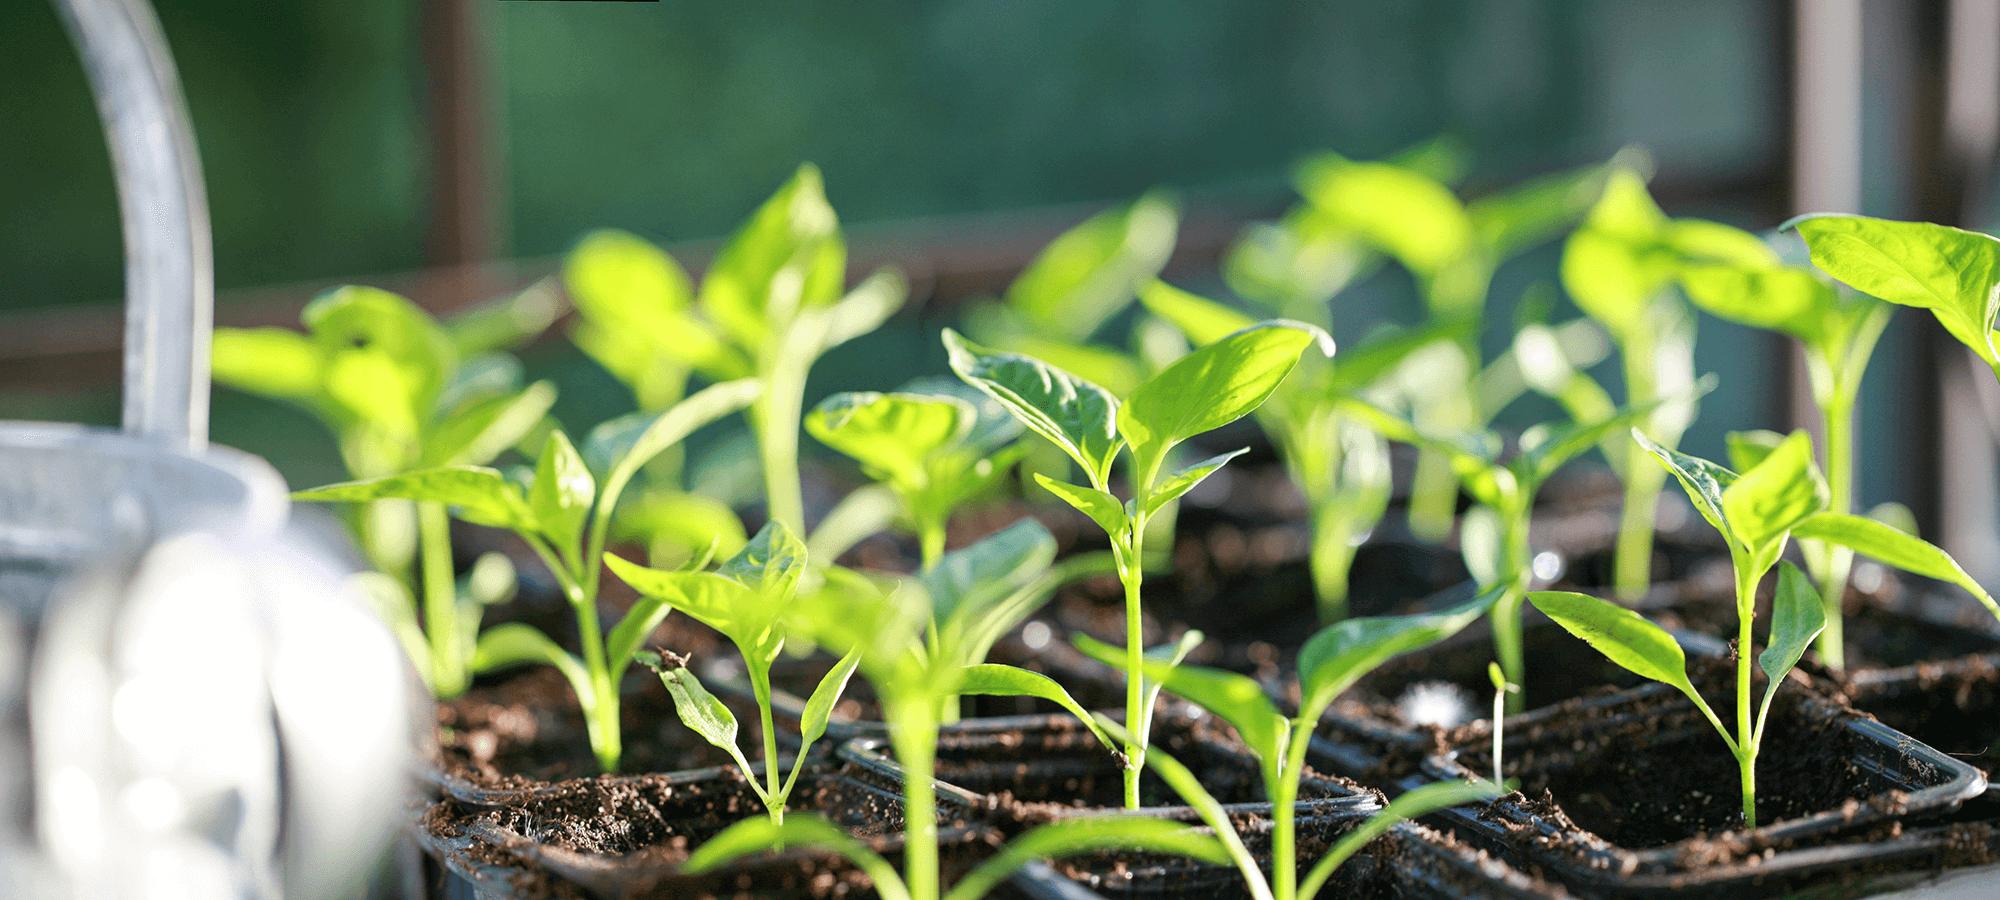 病害虫に強く 生育のよい苗を育てています